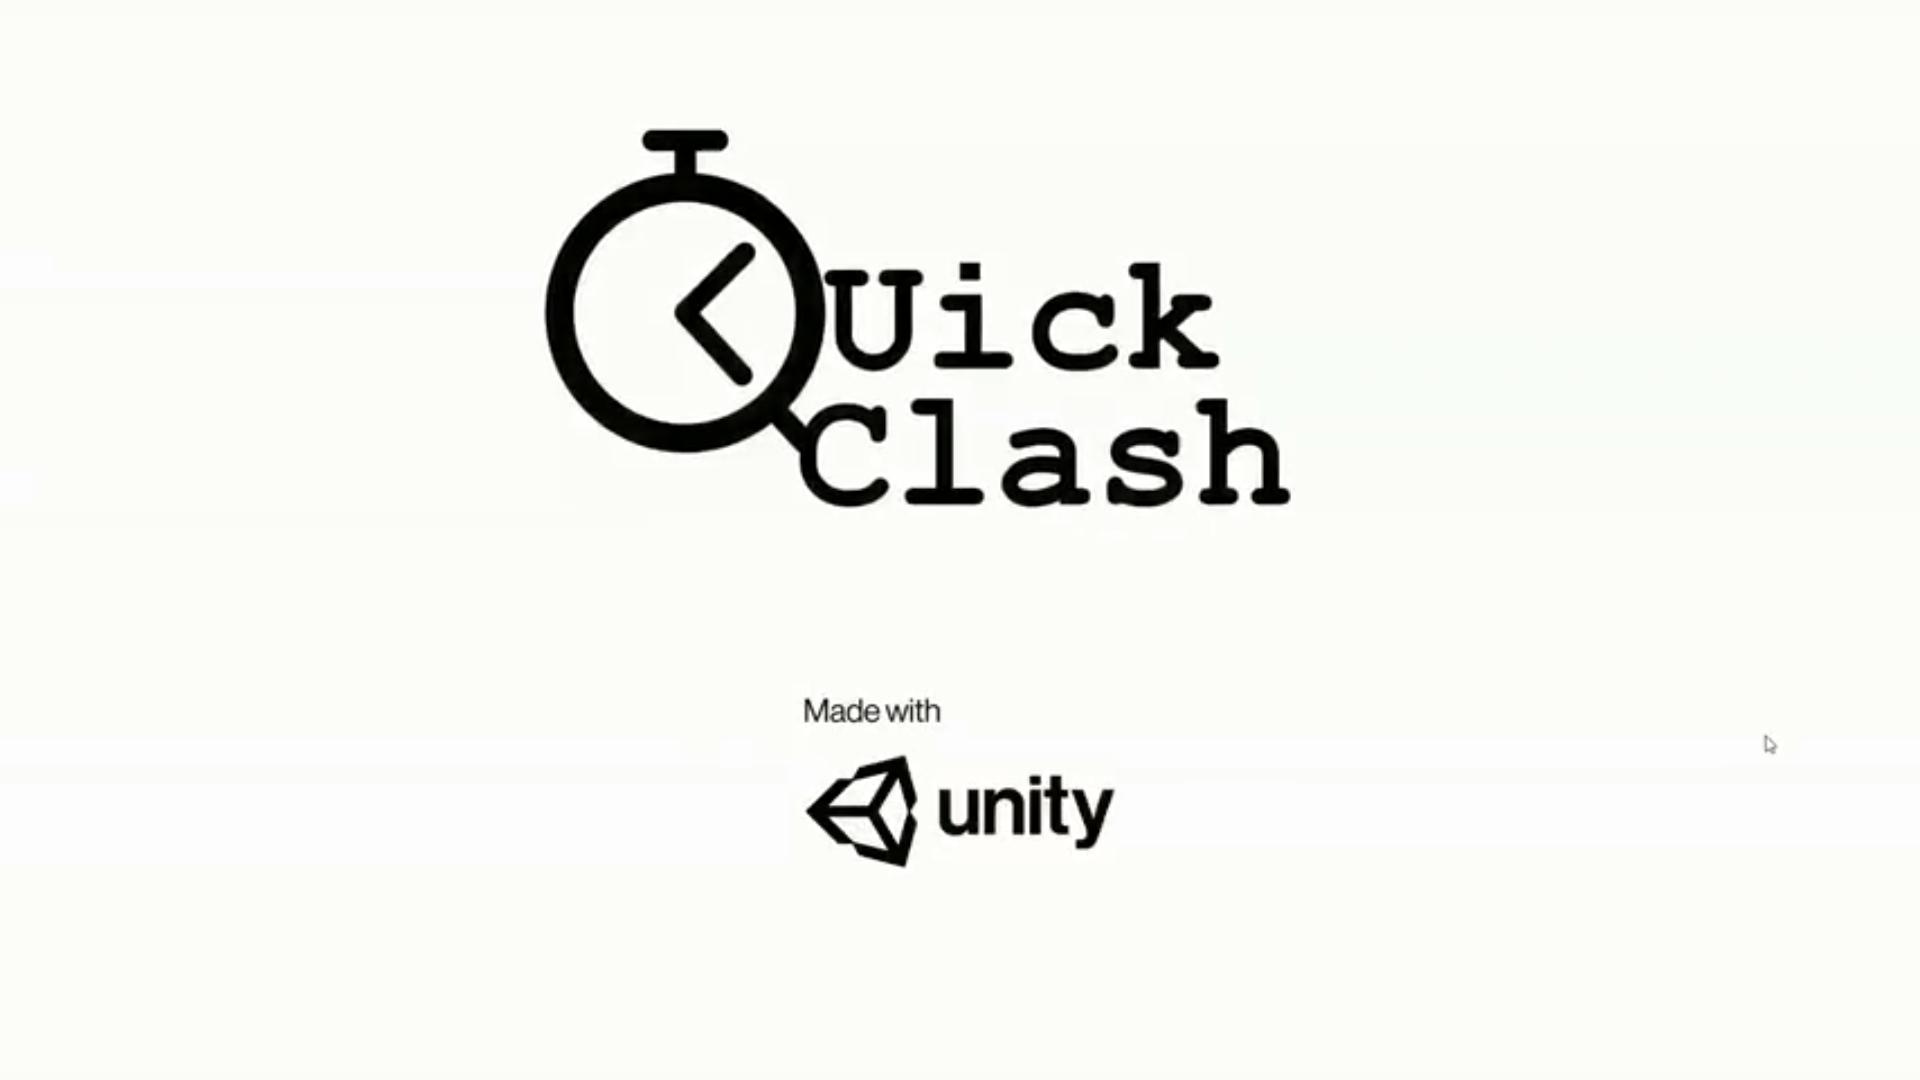 Quick Clash